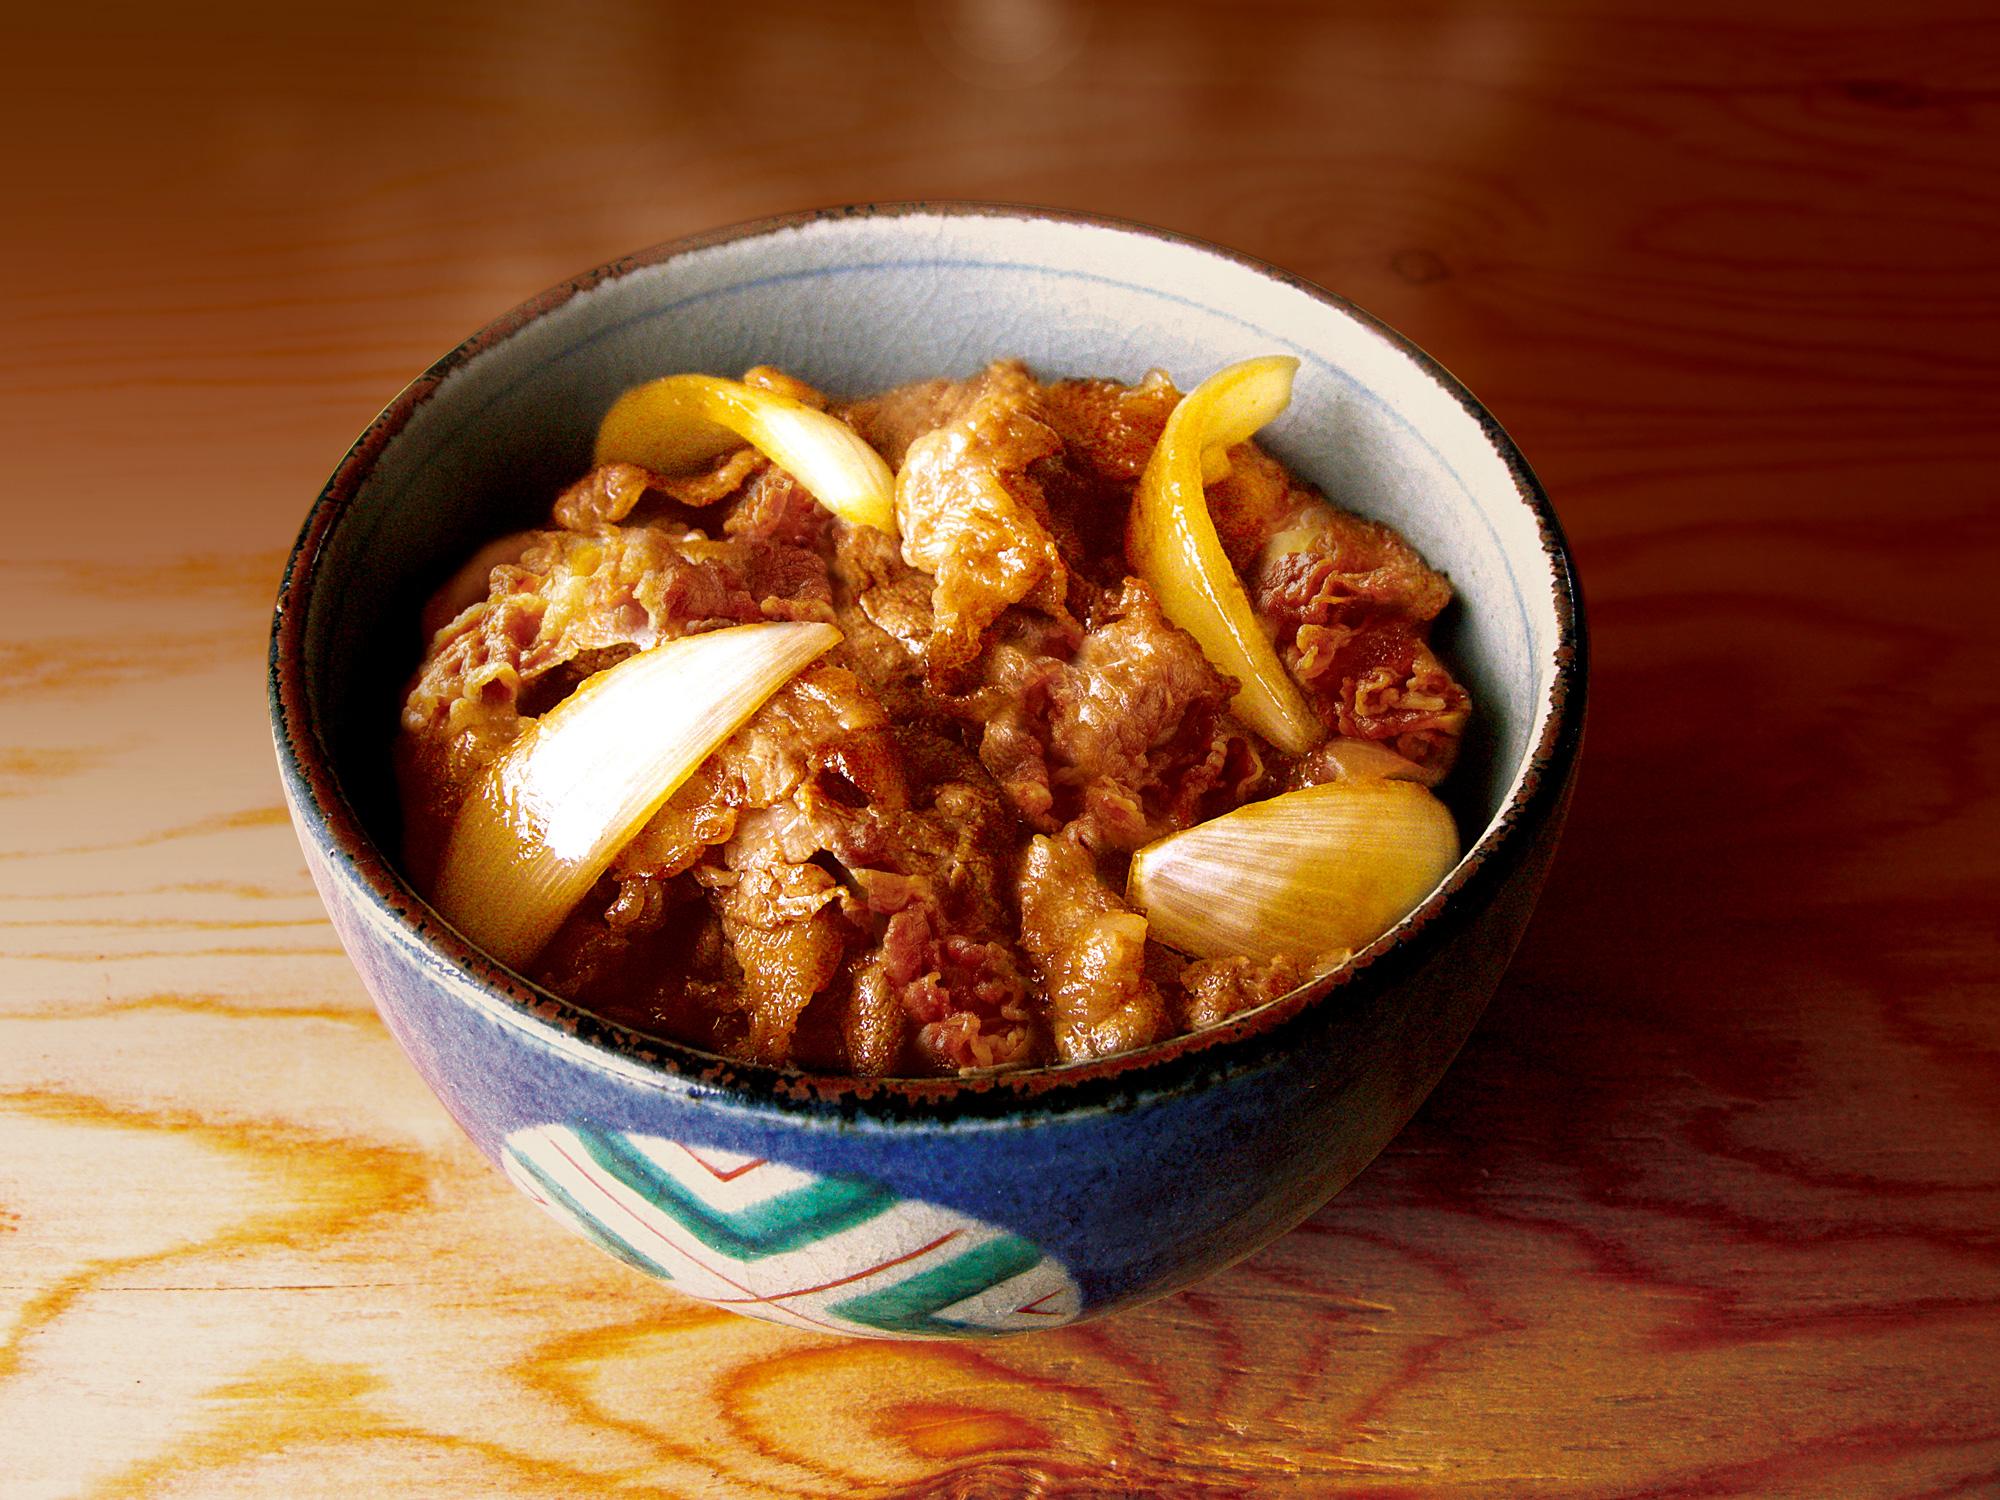 手軽に食べられる牛丼のカロリーを徹底比較!コスパ最強はどれ?のサムネイル画像